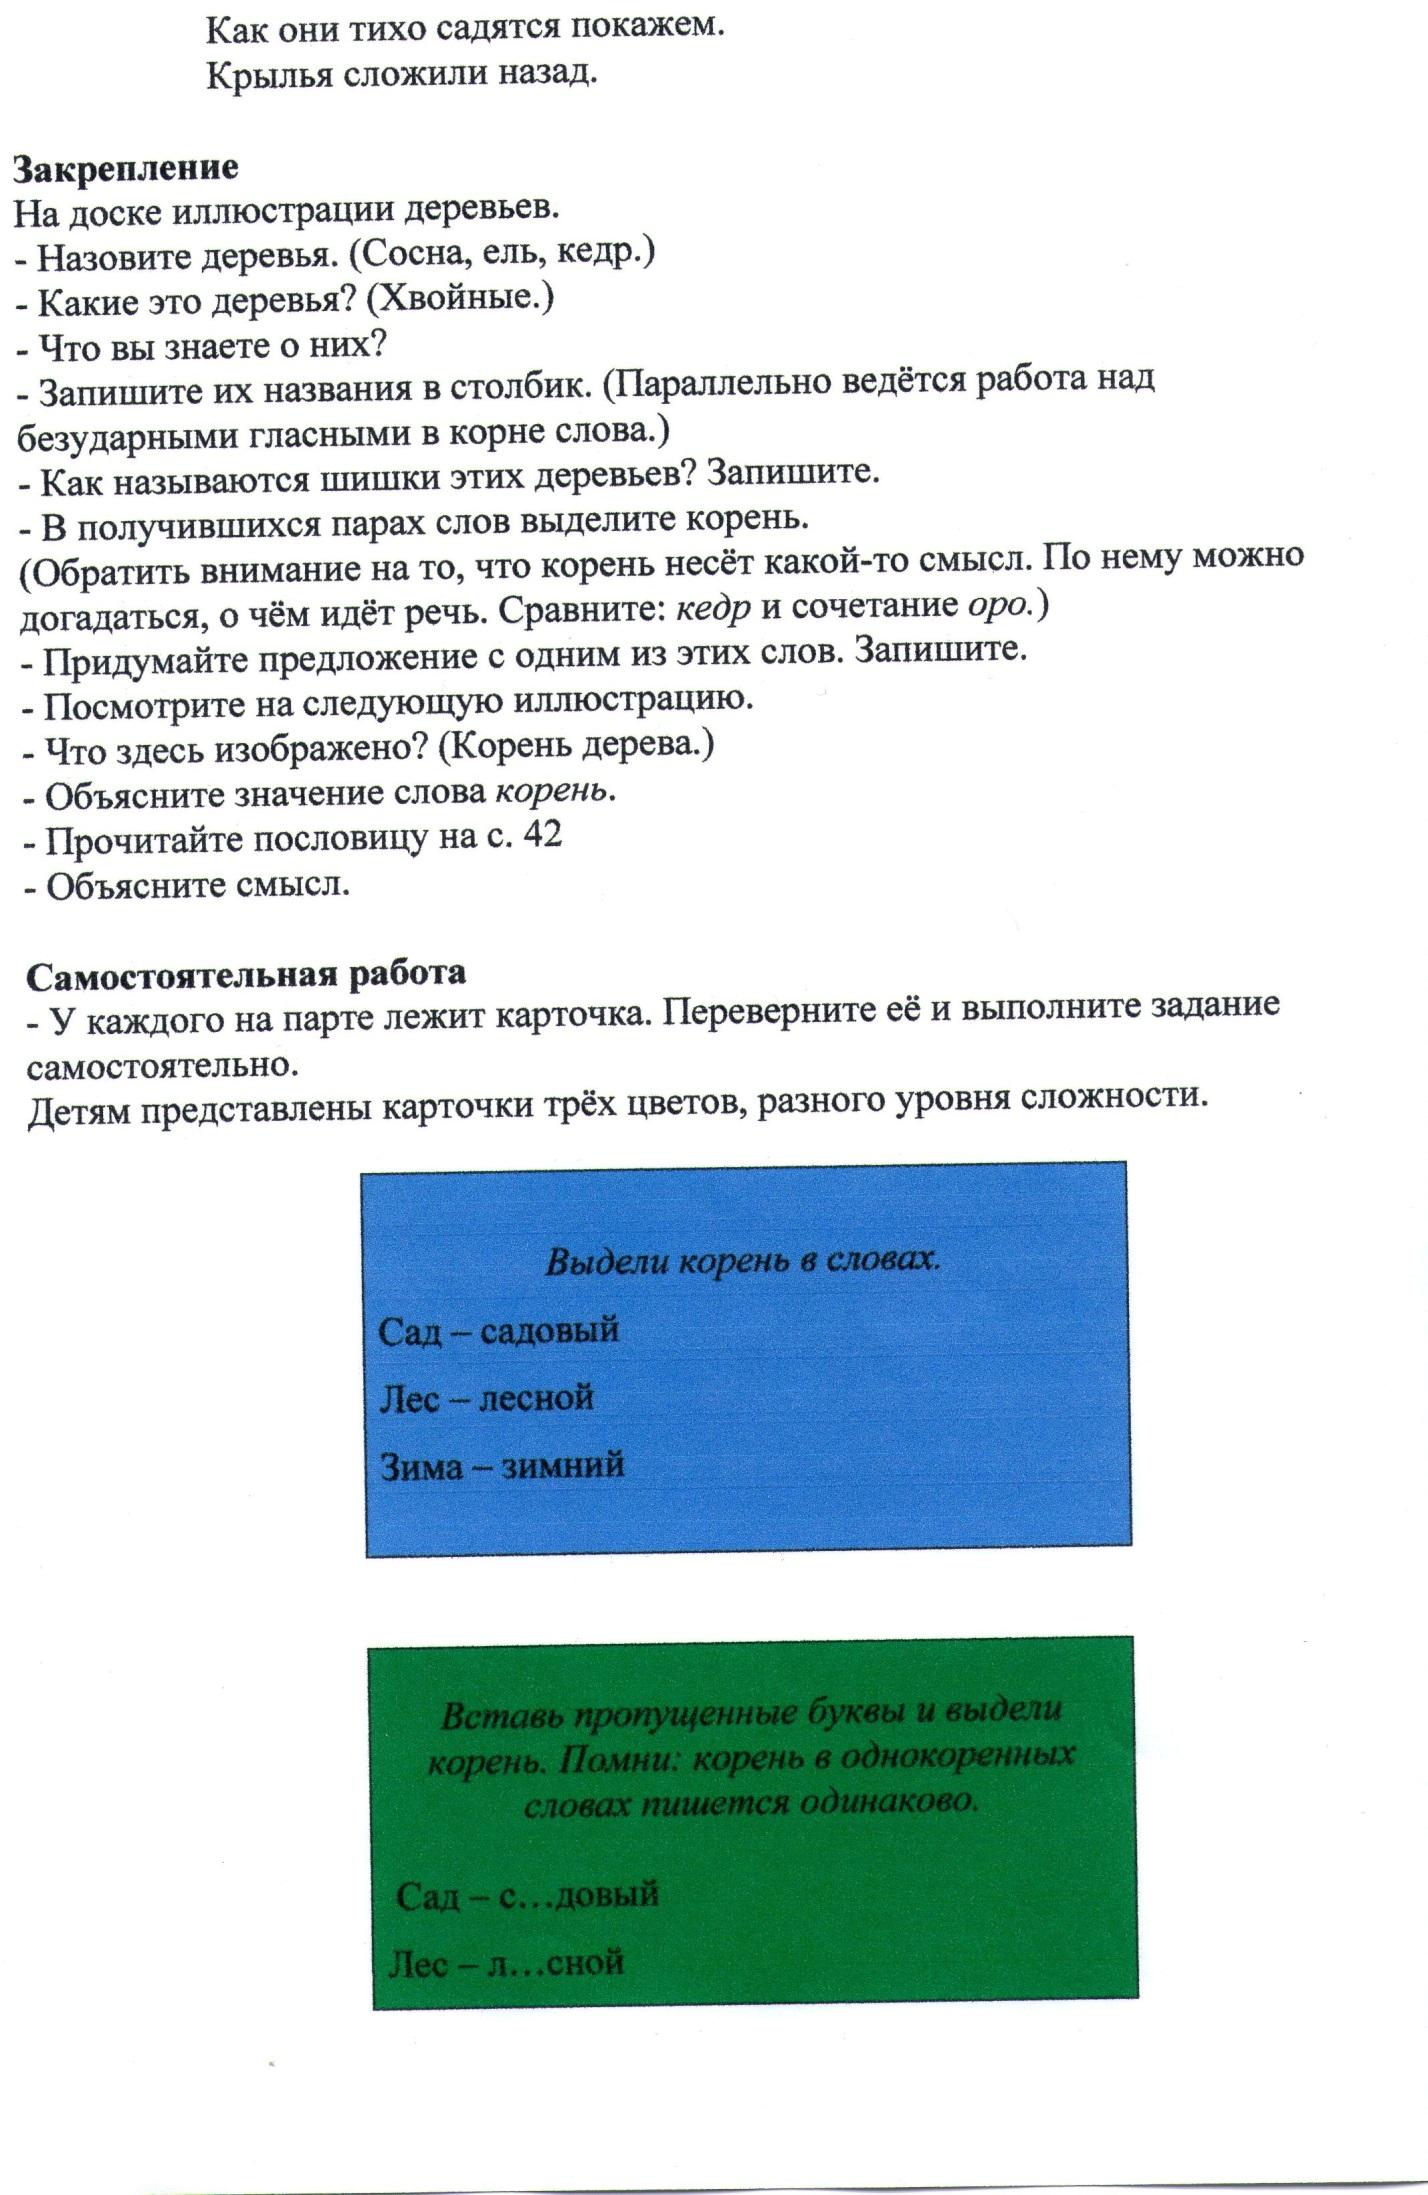 D:\курсы повышения квалификации\Галина\img230.jpg